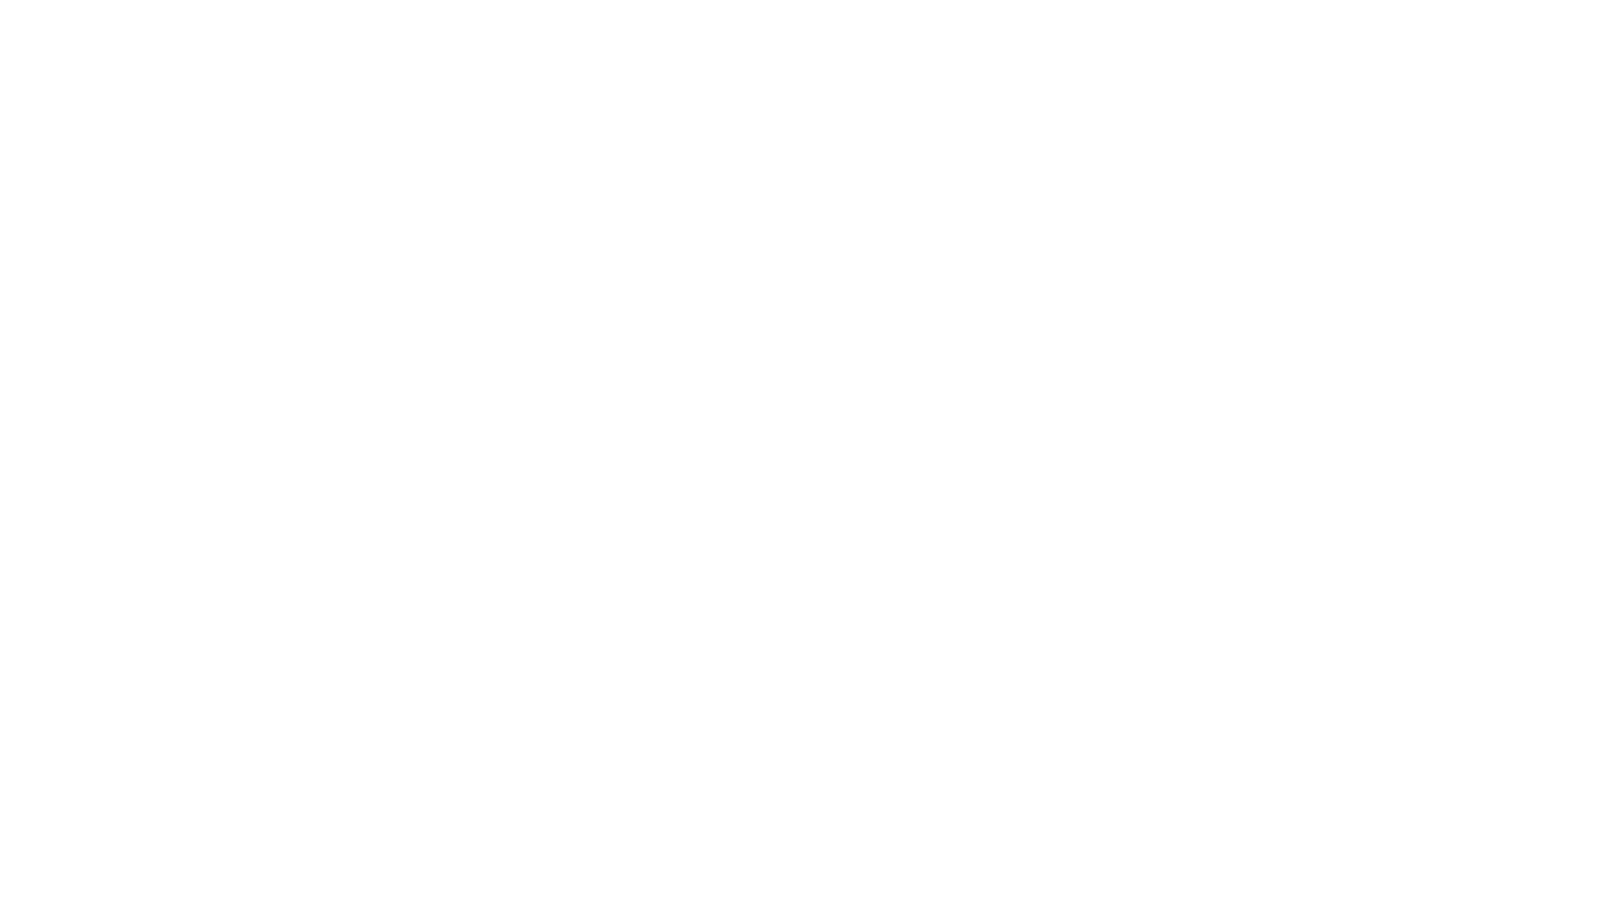 """Kamery sportowe action cam takie jak GoPro Hero 9 to czołówka rynki, ale czy można je porównać z tanimi kamerami sportowymi action cam za 200 złotych? Porównajmy kamerki których różnica w cenie to 2000zł.  #kamerka #actioncam #gopro  Kamery sportowe takie jak GoPro czy DJI Osmo Action to jedne z popularniejszych modeli kamer action cam na rynku. Czy można je porównywać z tańszymi kamerkami dostępnymi na Allegro czy w sklepach? Porównywać oczywiście można, ale czy będą w stanie podjąć walkę? Dzisiaj się o tym przekonamy porównując kamerę za 219zł czyli Nikkei X6 do najnowszego modelu od GoPro czyli Hero 9 Black, która to kamerka action cam kosztuje na Allegro 2219 zł, czyli w momencie nagrywania filmu dokładnie 2000zł więcej.  W dzisiejszym odcinku zrobię test i recenzję i porównam obie te kamery w rozdzielczościach Full HD czyli 1080 oraz 4K. Porównam jakość stabilizacji obrazu obu kamer, jakość dźwięku, zarówno w obudowie dźwiękoszczelnej jak i bez obudowy. Porównam również dla Was stabilizację obrazu podczas biegania.  Kamera GoPro Hero 9 Black vs Nikkei X6, to oczywiście nierówna walka, bo ceny obu urządzeń są od siebie tak oddalone, że można śmiało powiedzieć, że to zupełnie inna półka sprzętowa.  W tym teście sprawdzimy sobie raczej, czy kamerką sportową action cam Nikkei X6 da się nagrywać użyteczny materiał, który później można użyć do zmontowania na przykład fajnego filmu z wakacji. Sprawdzimy czy taka tania kamera sportowa może nadać się jako sprzęt zabierany w podróże, czy raczej trzeba będzie zainwestować więcej i kupić coś na wzór GoPro Hero 9 Black.  Mam nadzieję, że film i porównanie / recenzja Wam się spodoba.  Zapraszamy też na nasze Social Media i na nasze konto na Patronite. Wszystkie linki znajdziecie poniżej.   LINKI:  Patronite: https://patronite.pl/lukaszszewczyk  Facebook: https://www.facebook.com/lszewczykYT/  Instagram: https://www.instagram.com/podrozniczy_blog/  Grupa na Facebooku """"Podróże na własną rękę"""". Zapraszamy wszystkie osoby kochaj"""